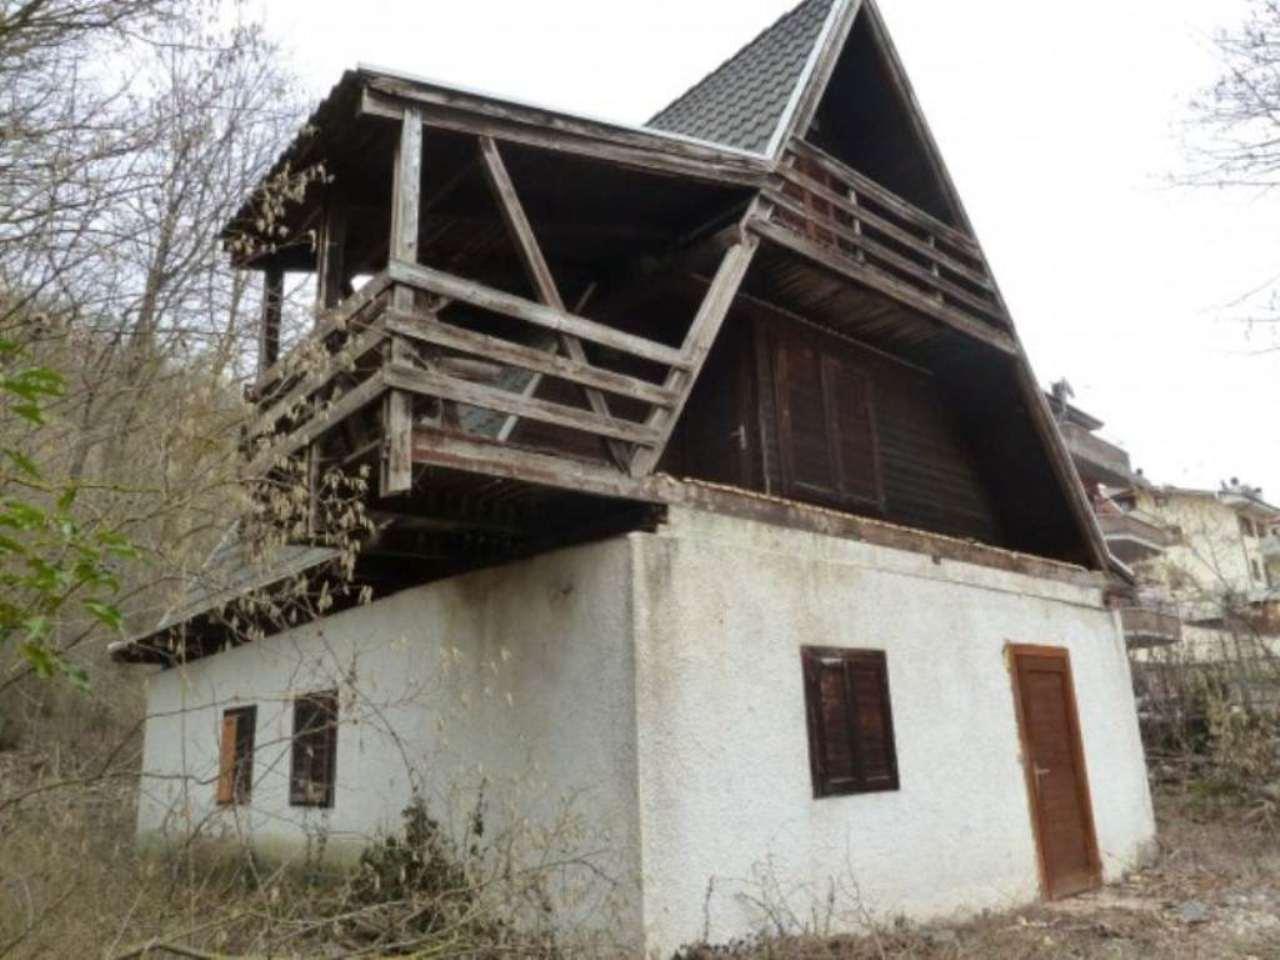 Villa in vendita a Carsoli, 5 locali, prezzo € 137.000 | Cambio Casa.it